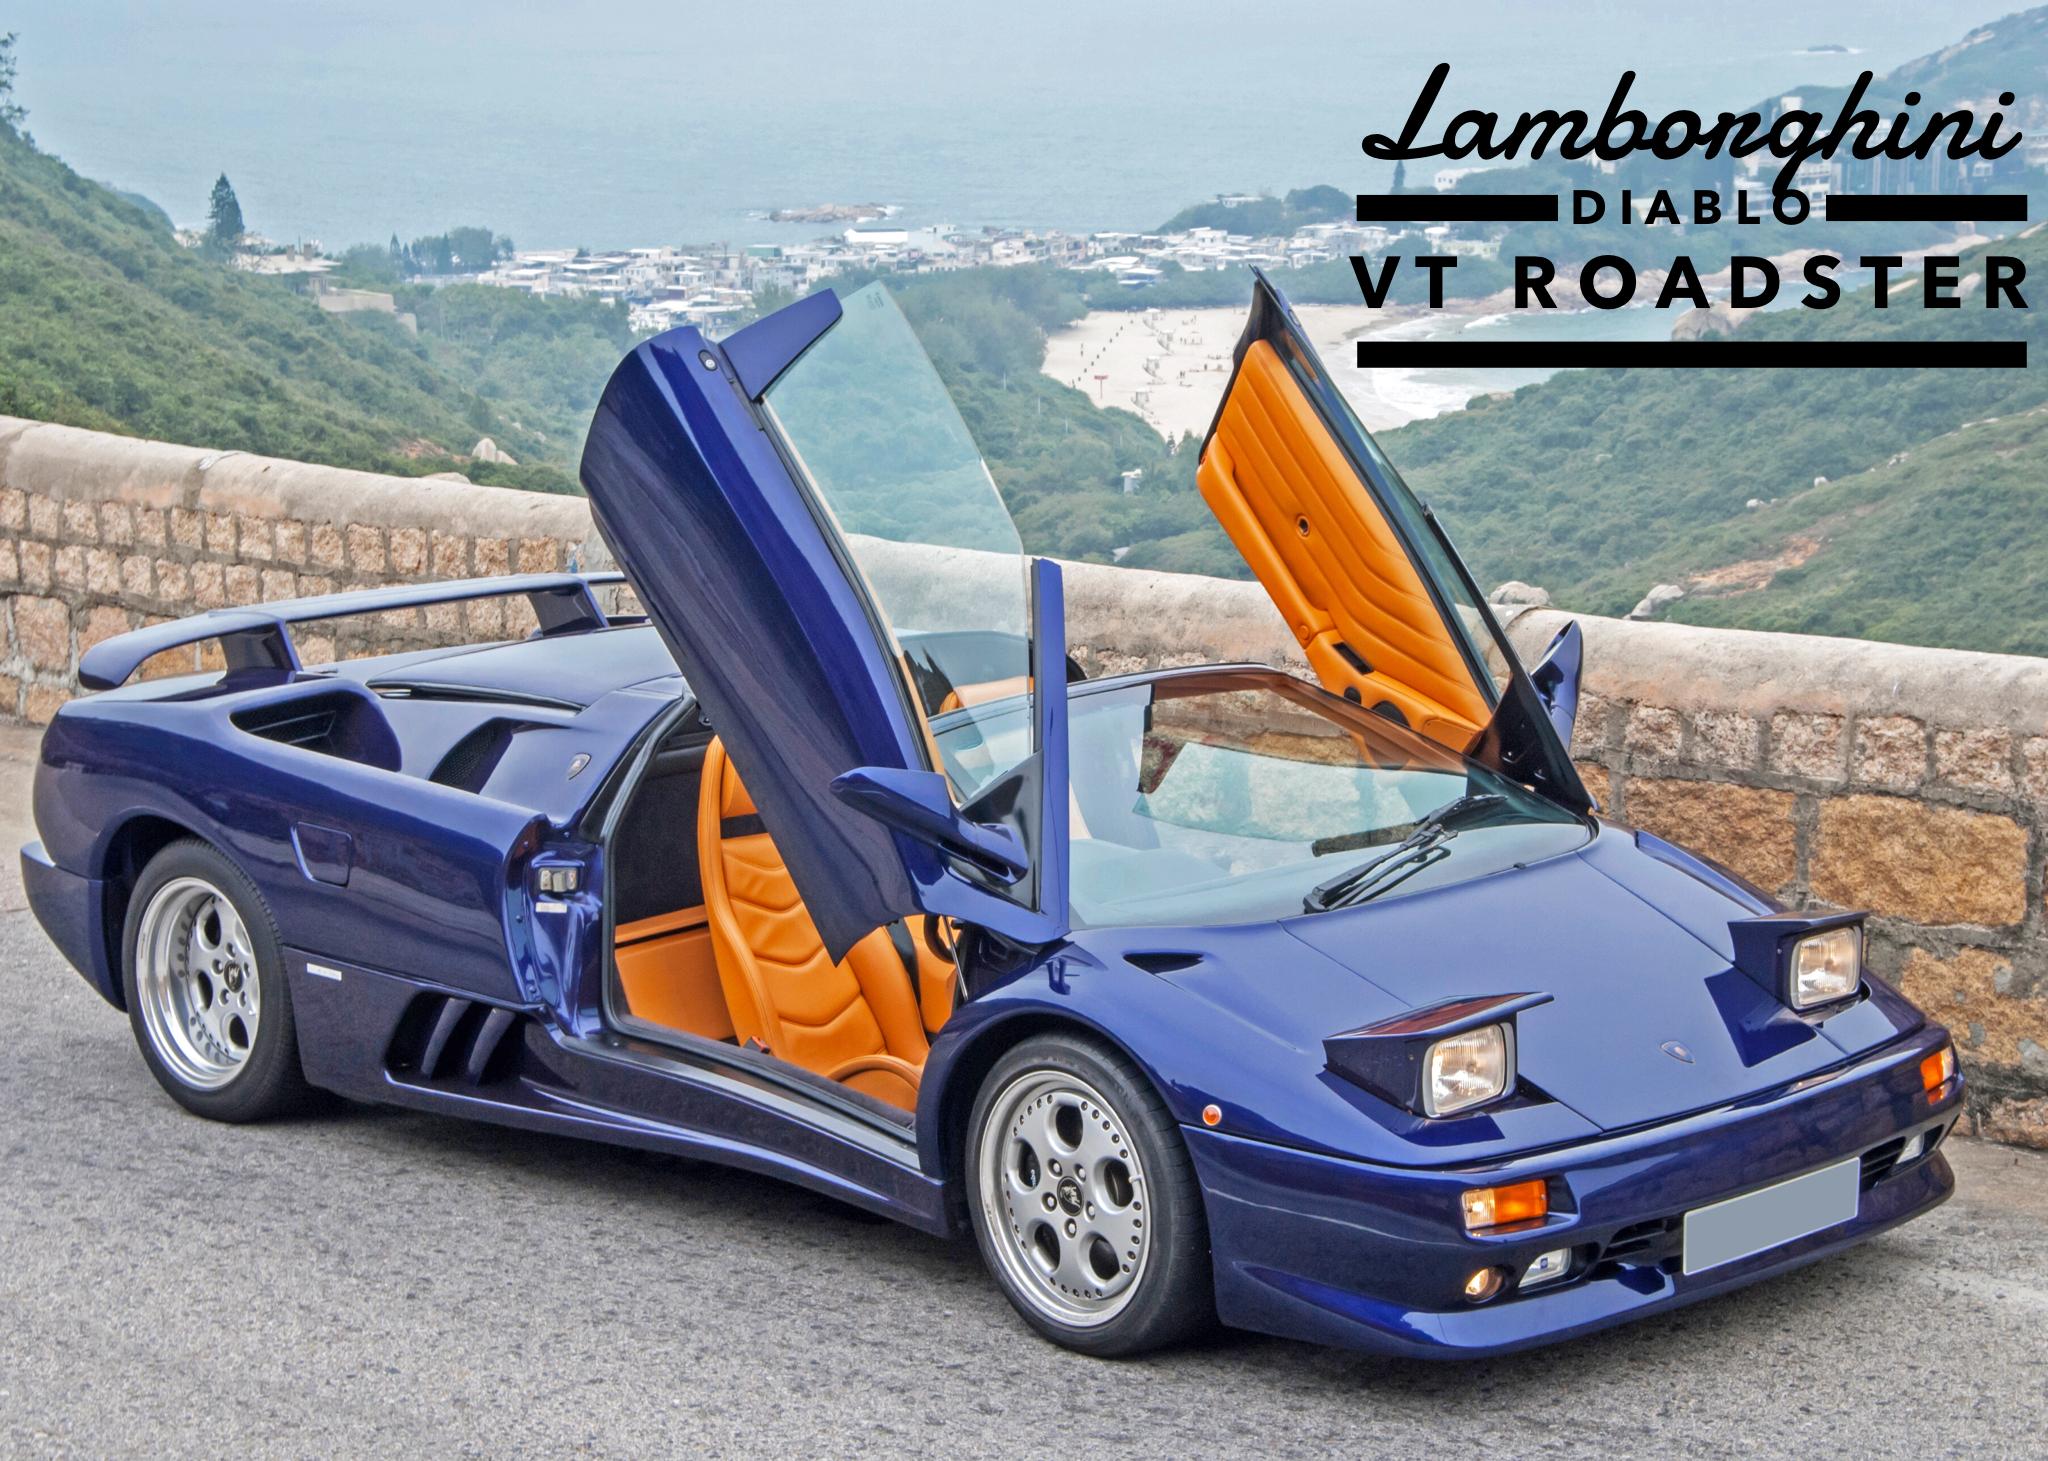 Lamborghini Diablo Vt Roadster For Sale Classic Insider